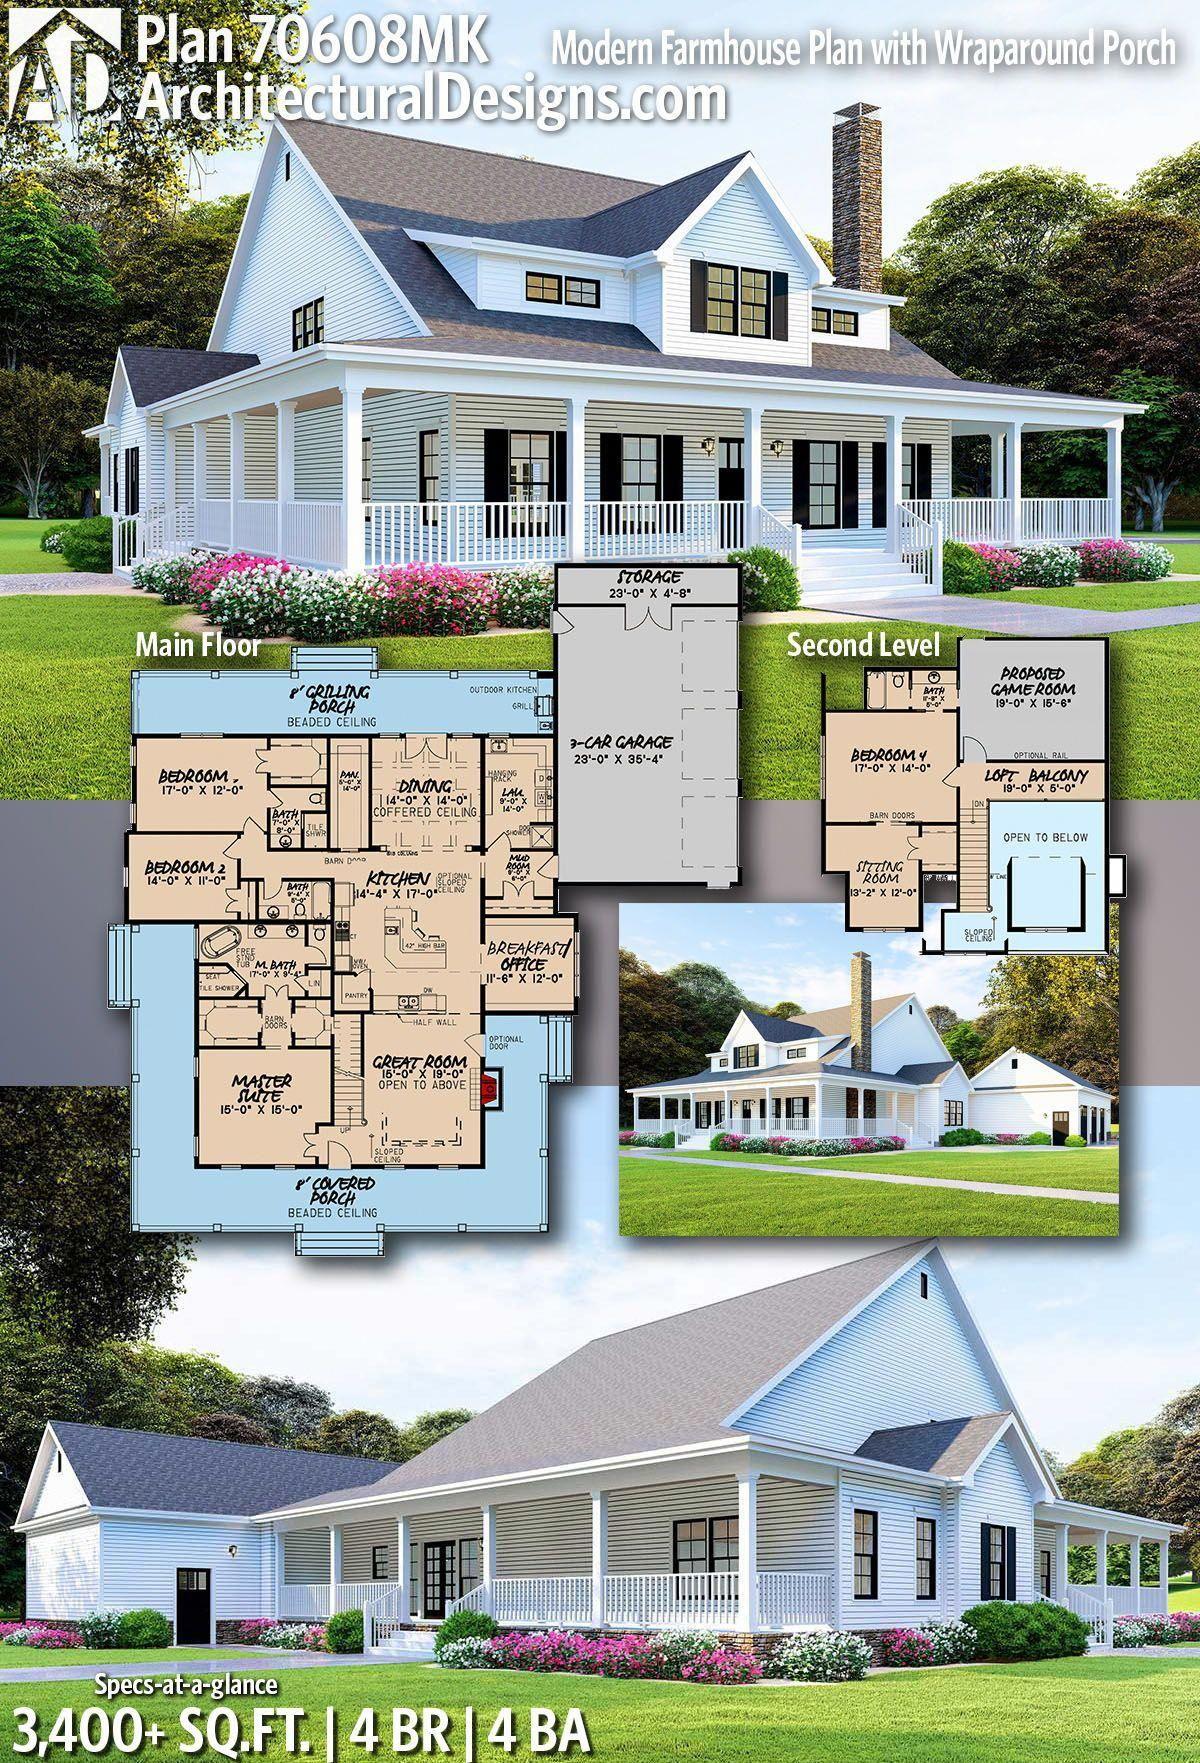 Plan 70608mk Modern Farmhouse Plan With Wraparound Porch Modern Farmhouse Plans Farmhouse Plans Modern Farmhouse Exterior